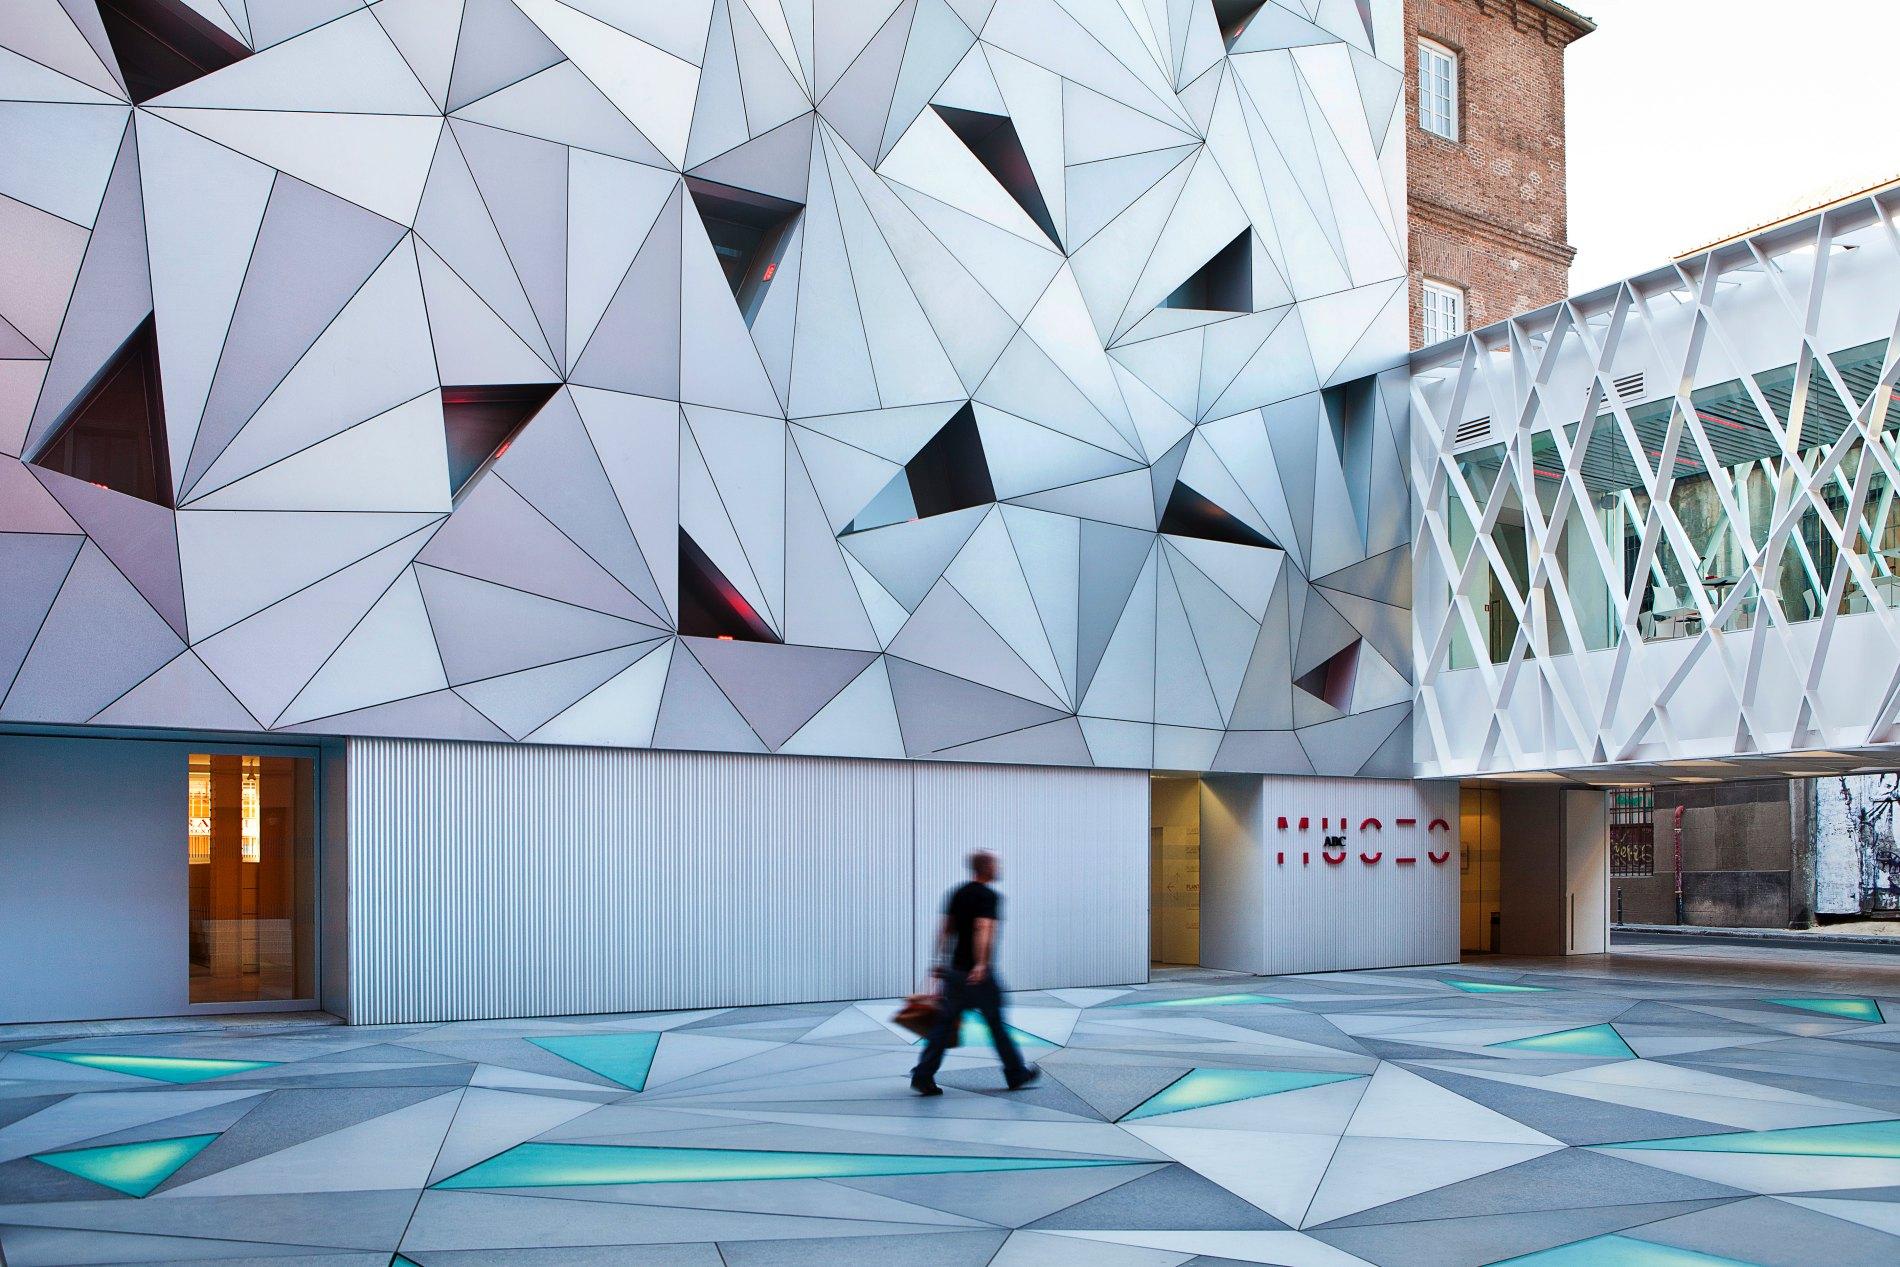 El Museo ABC es una de las visitas que propone la Semana de Arquitectura de Madrid. Foto: Museo ABC